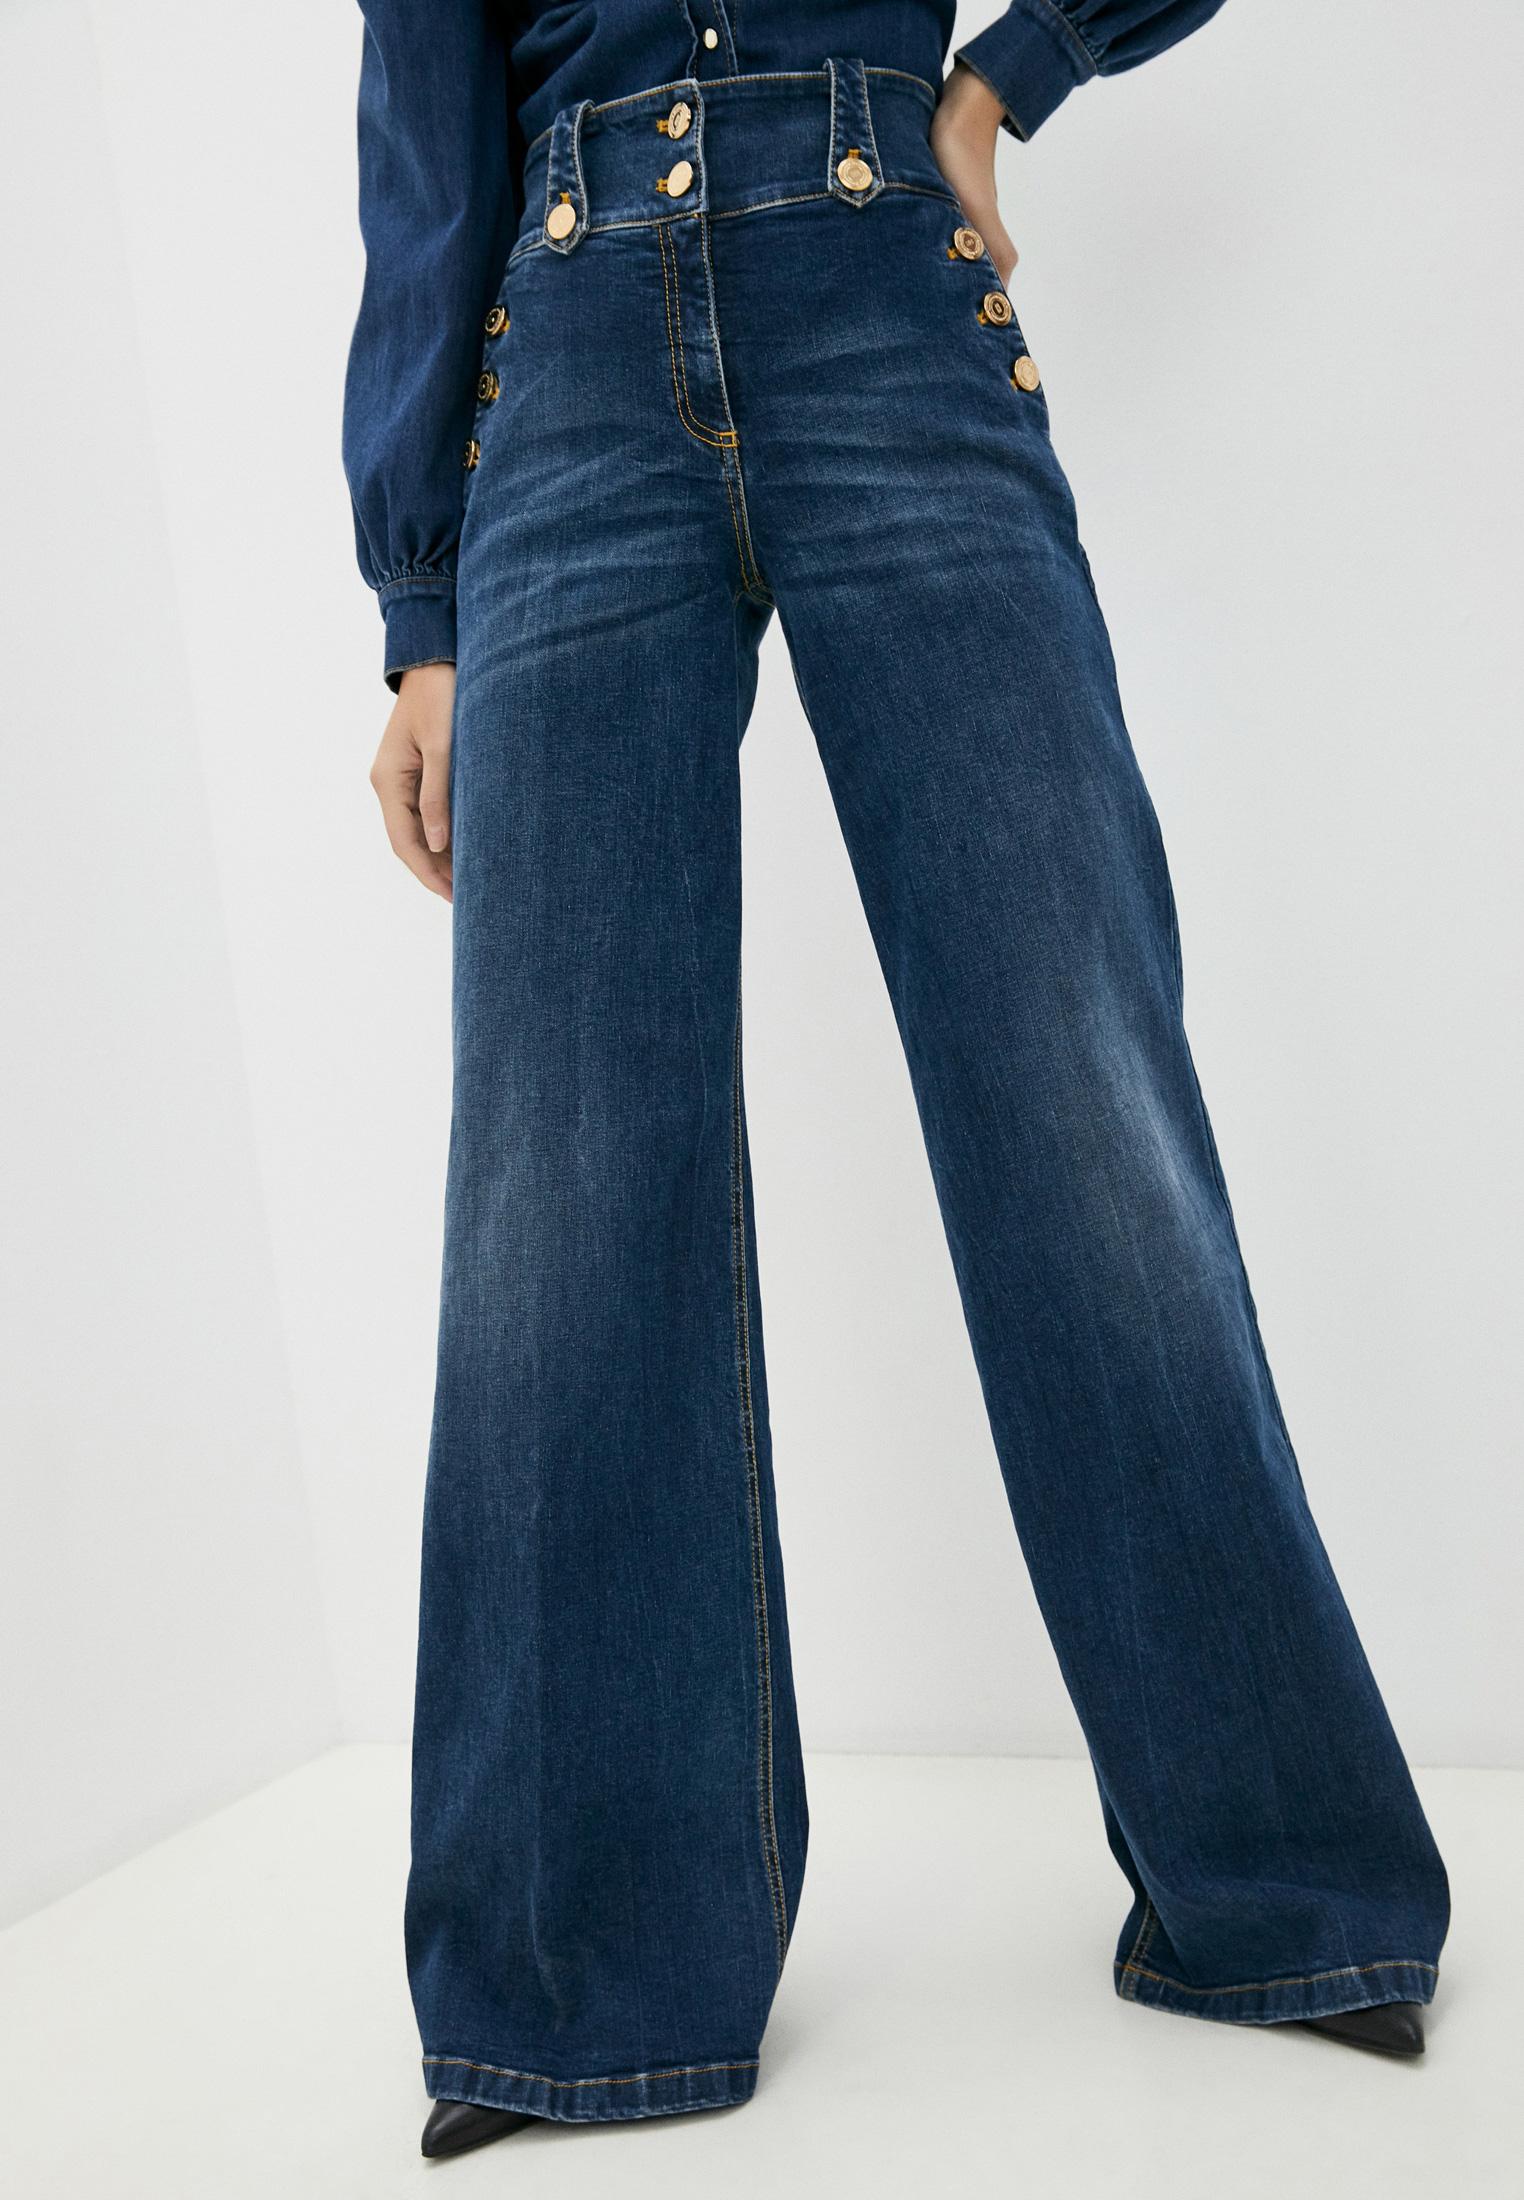 Широкие и расклешенные джинсы Elisabetta Franchi Джинсы Elisabetta Franchi